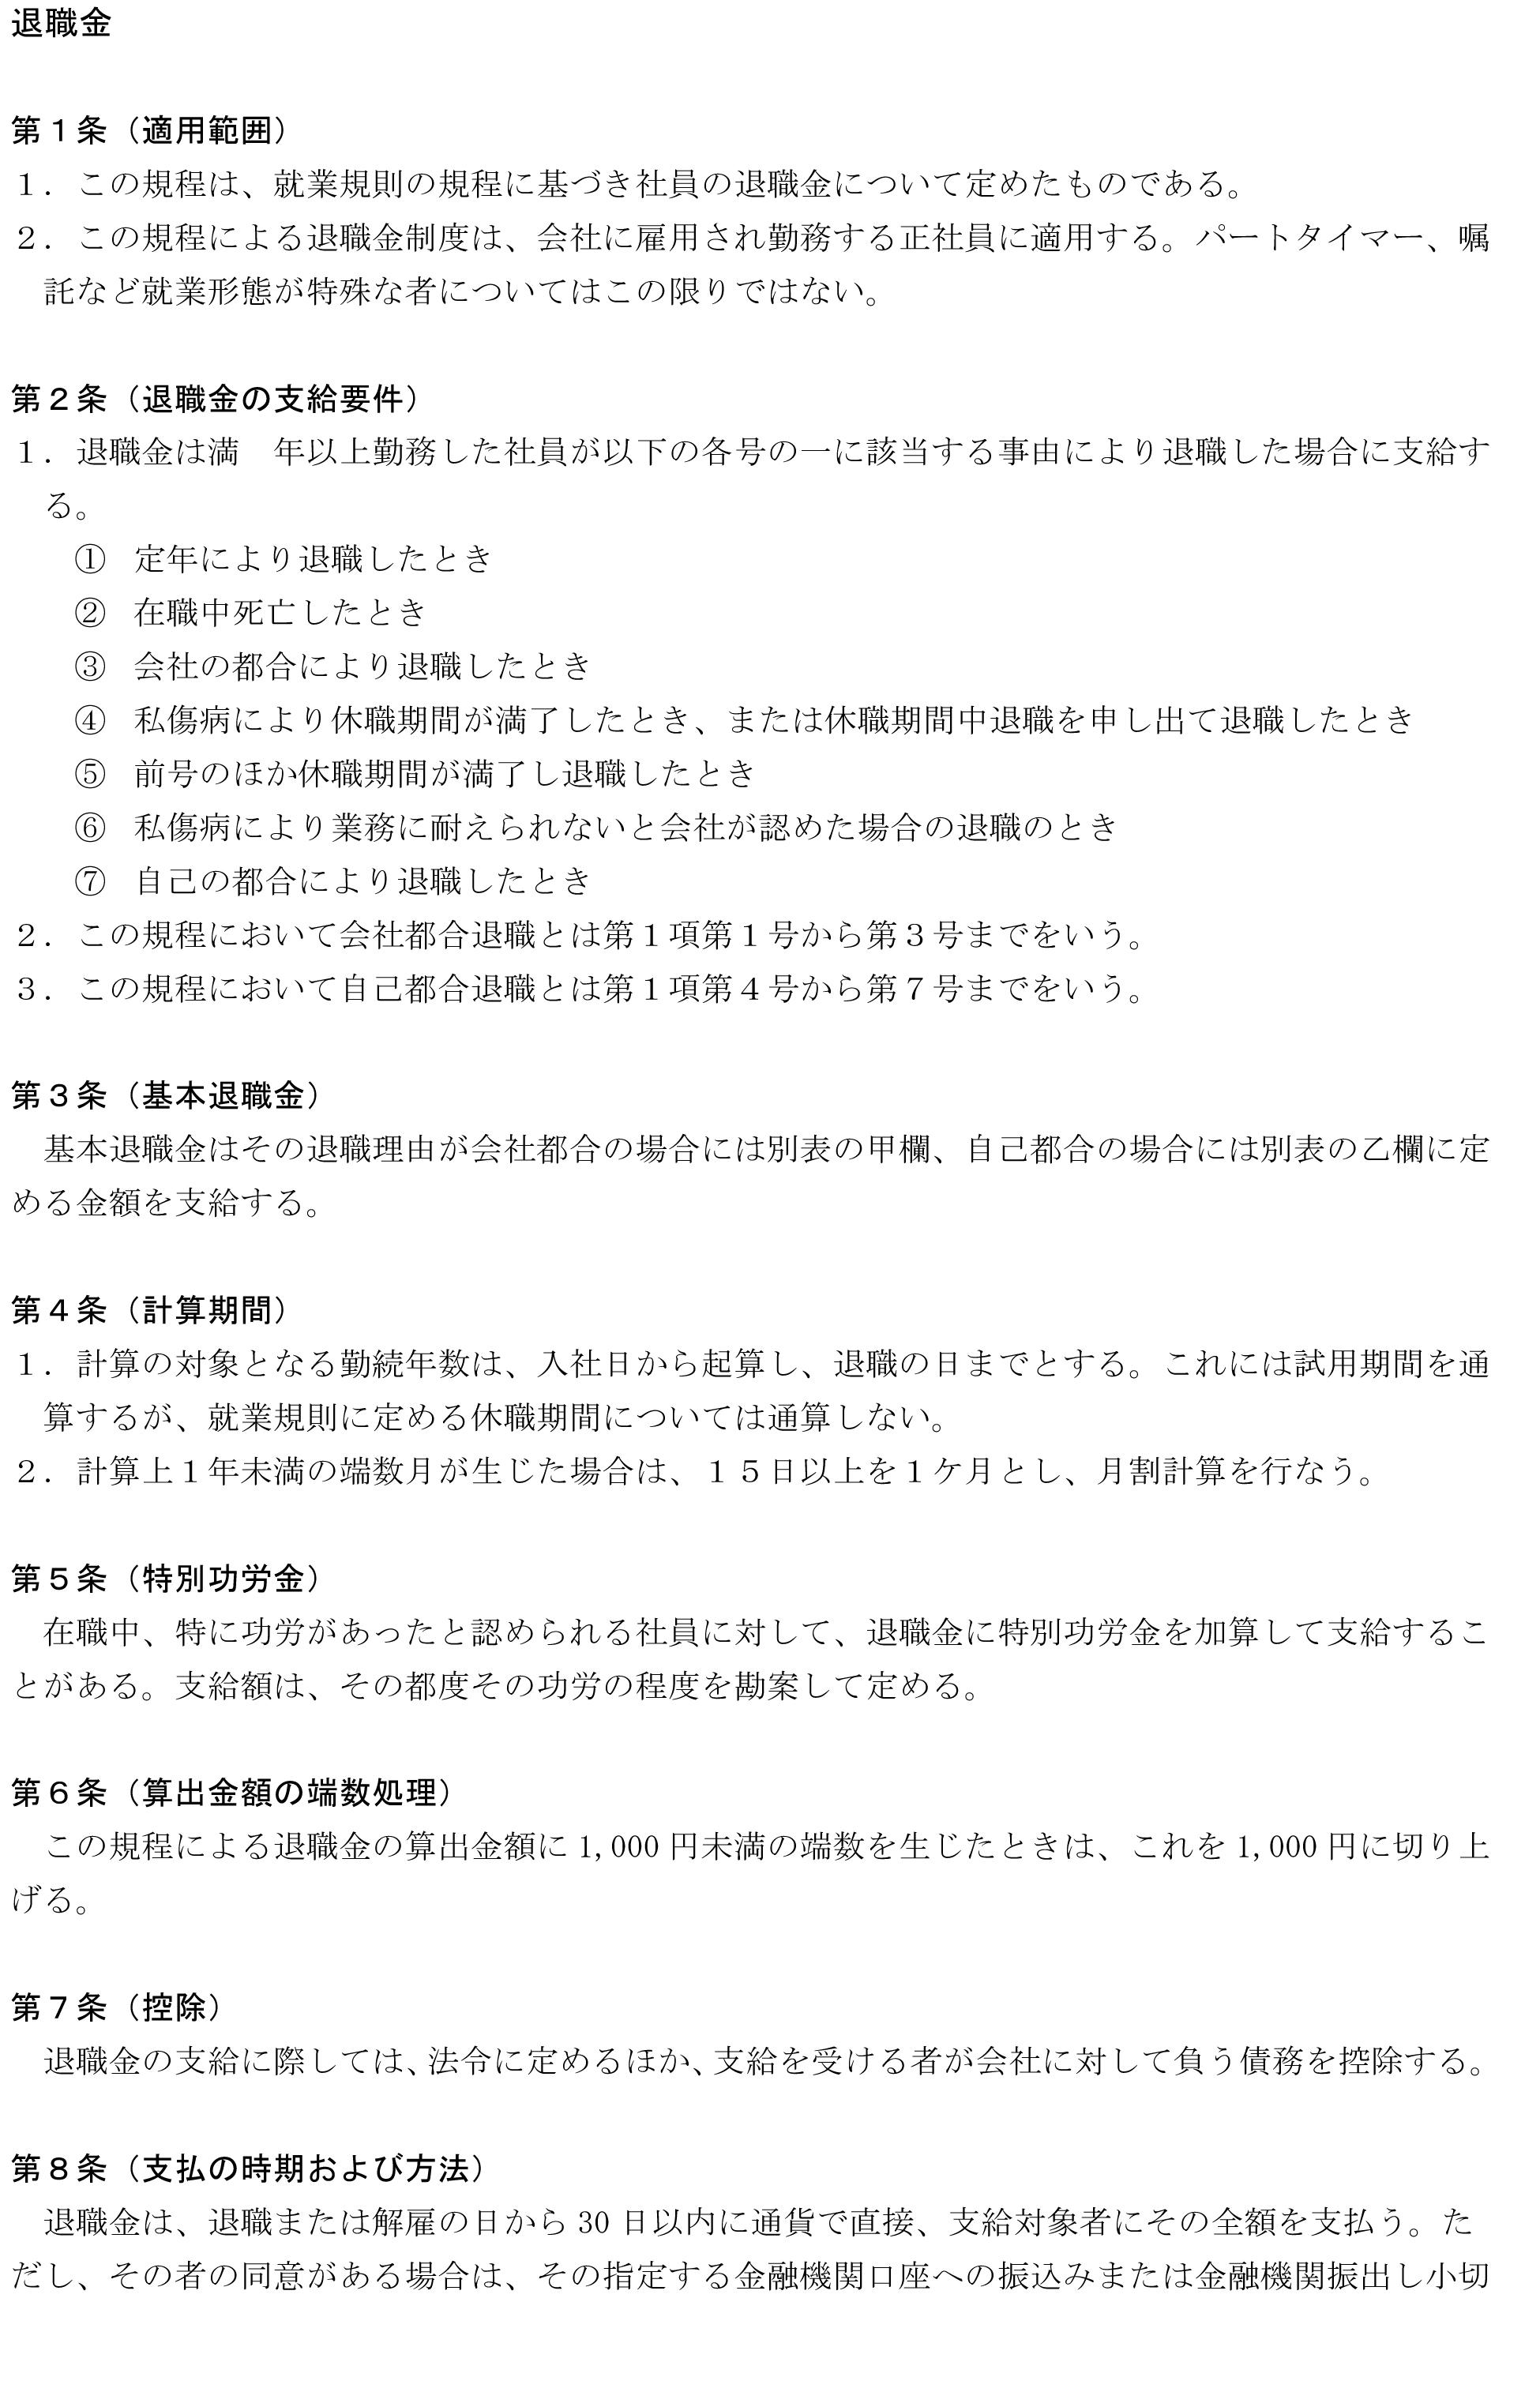 退職金規程(定額制)